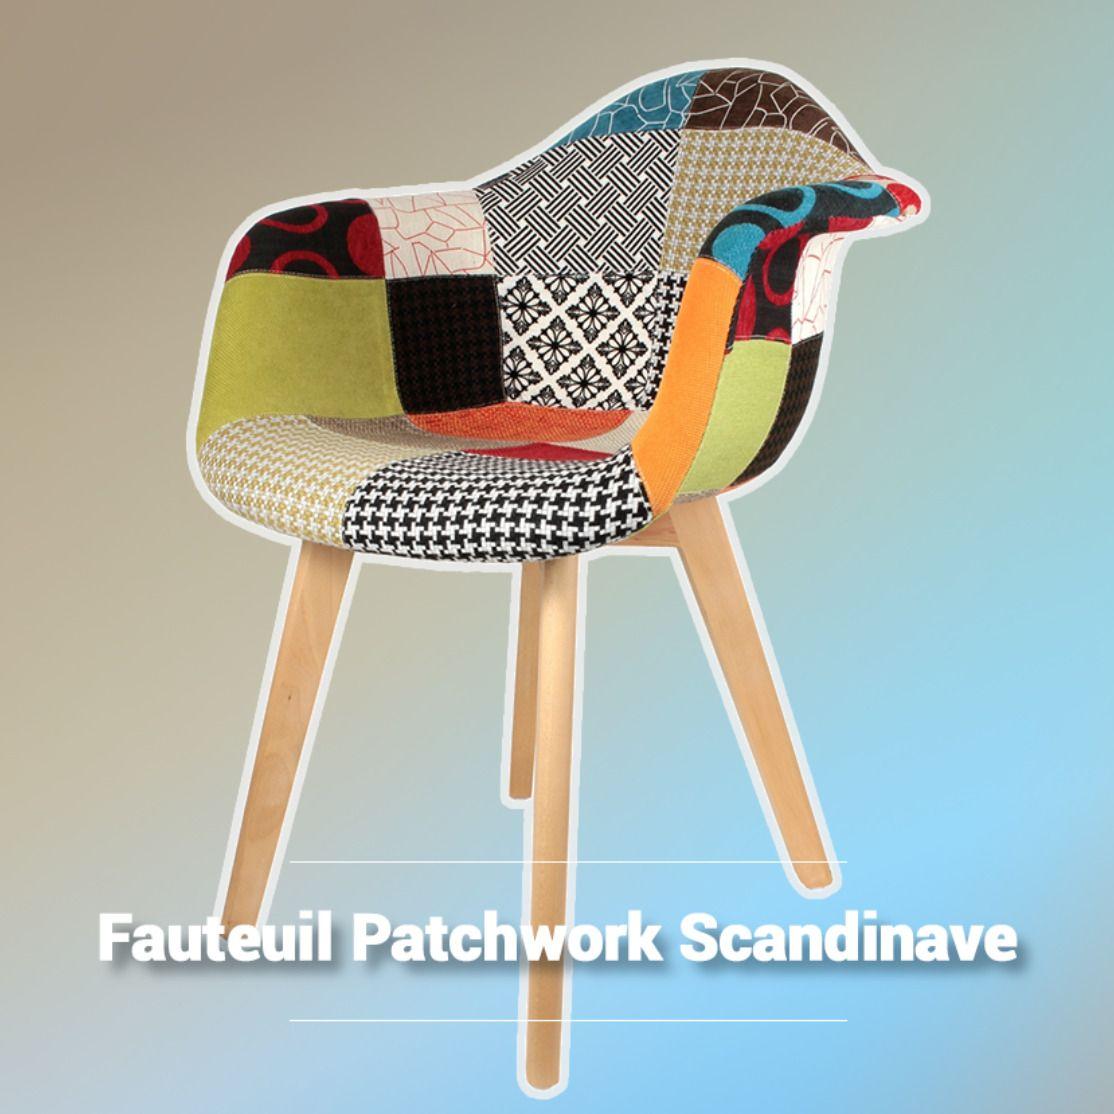 Fauteuil Patchwork Scandinave La Foir Fouille Fauteuil Scandinave Fauteuil Mobilier De Salon